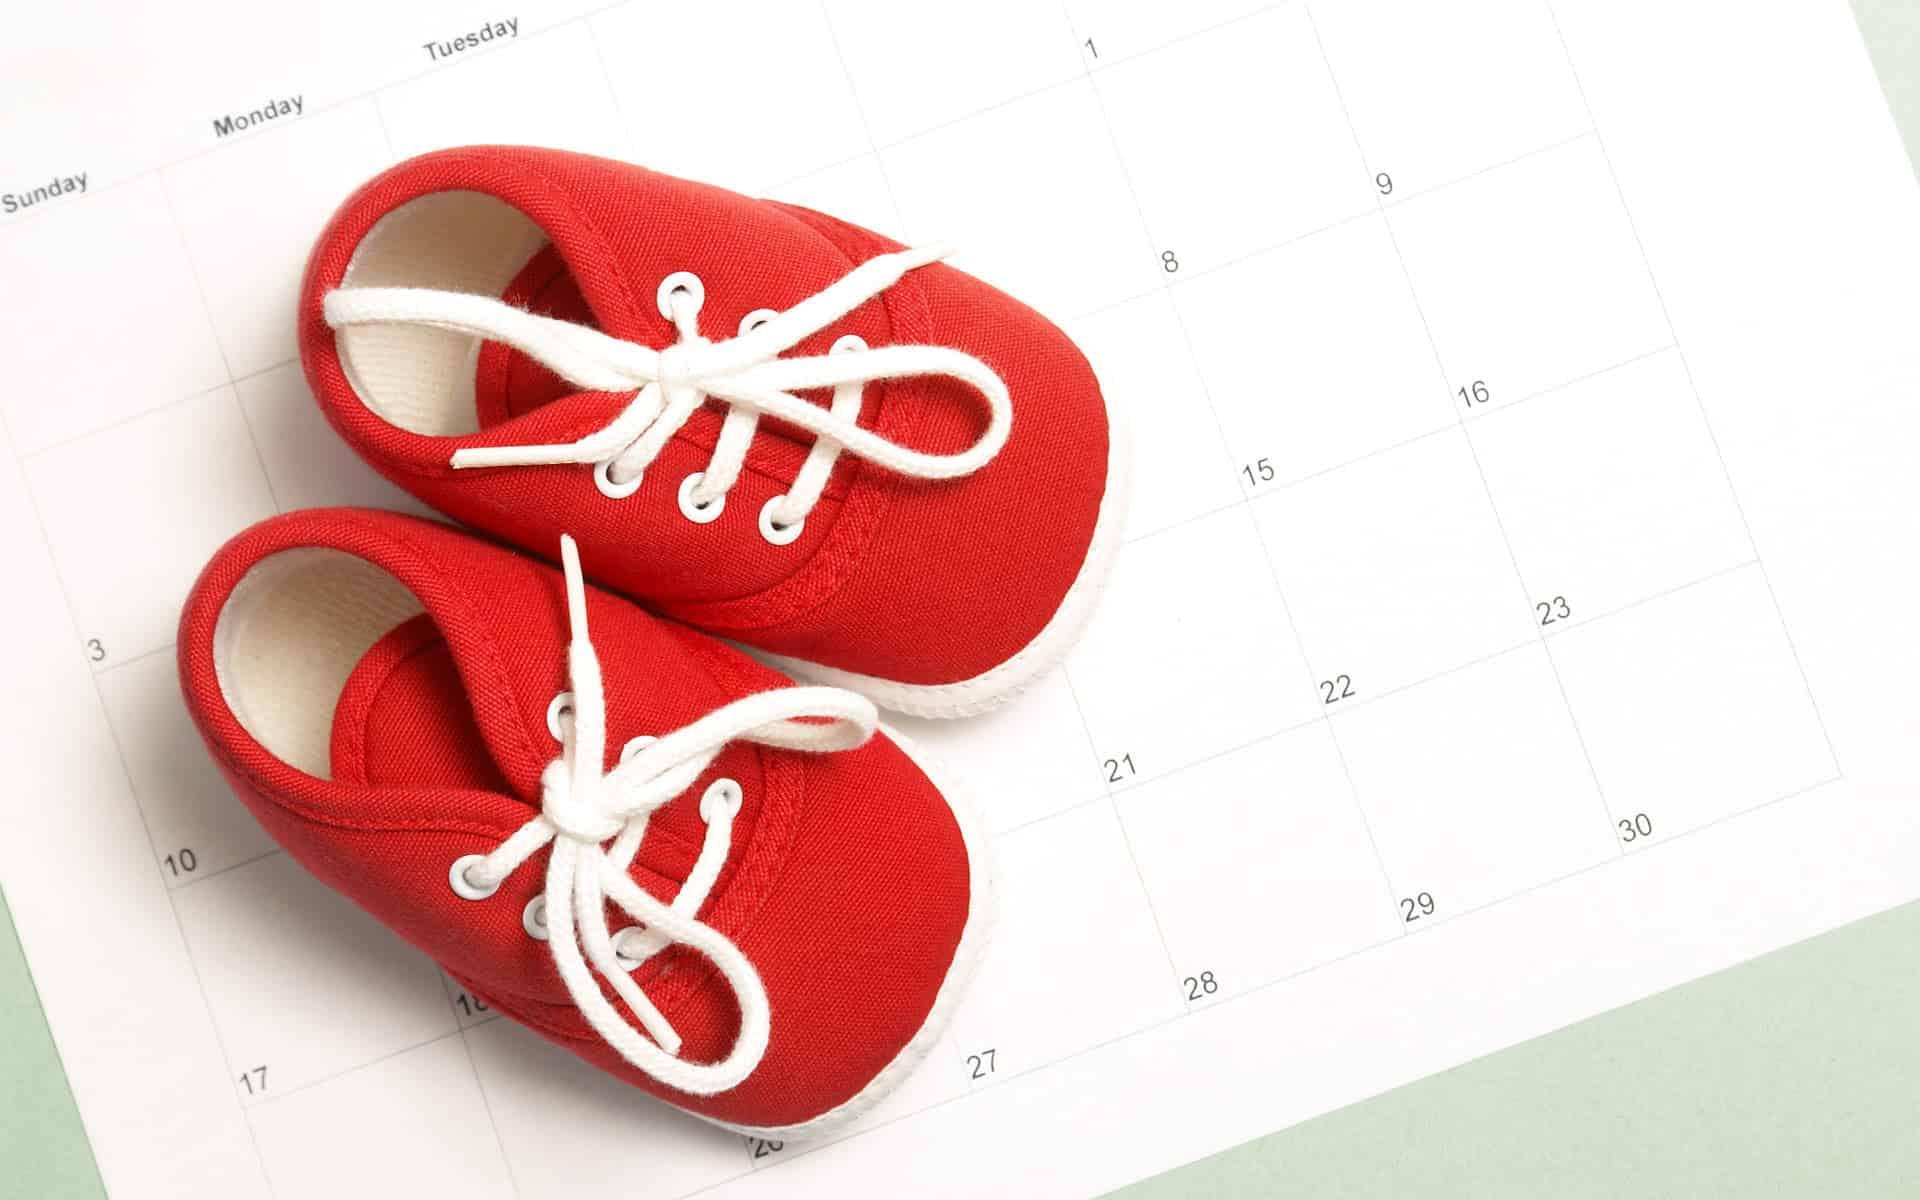 geburtstermin berechnen schwangerschaft wenn das leben. Black Bedroom Furniture Sets. Home Design Ideas